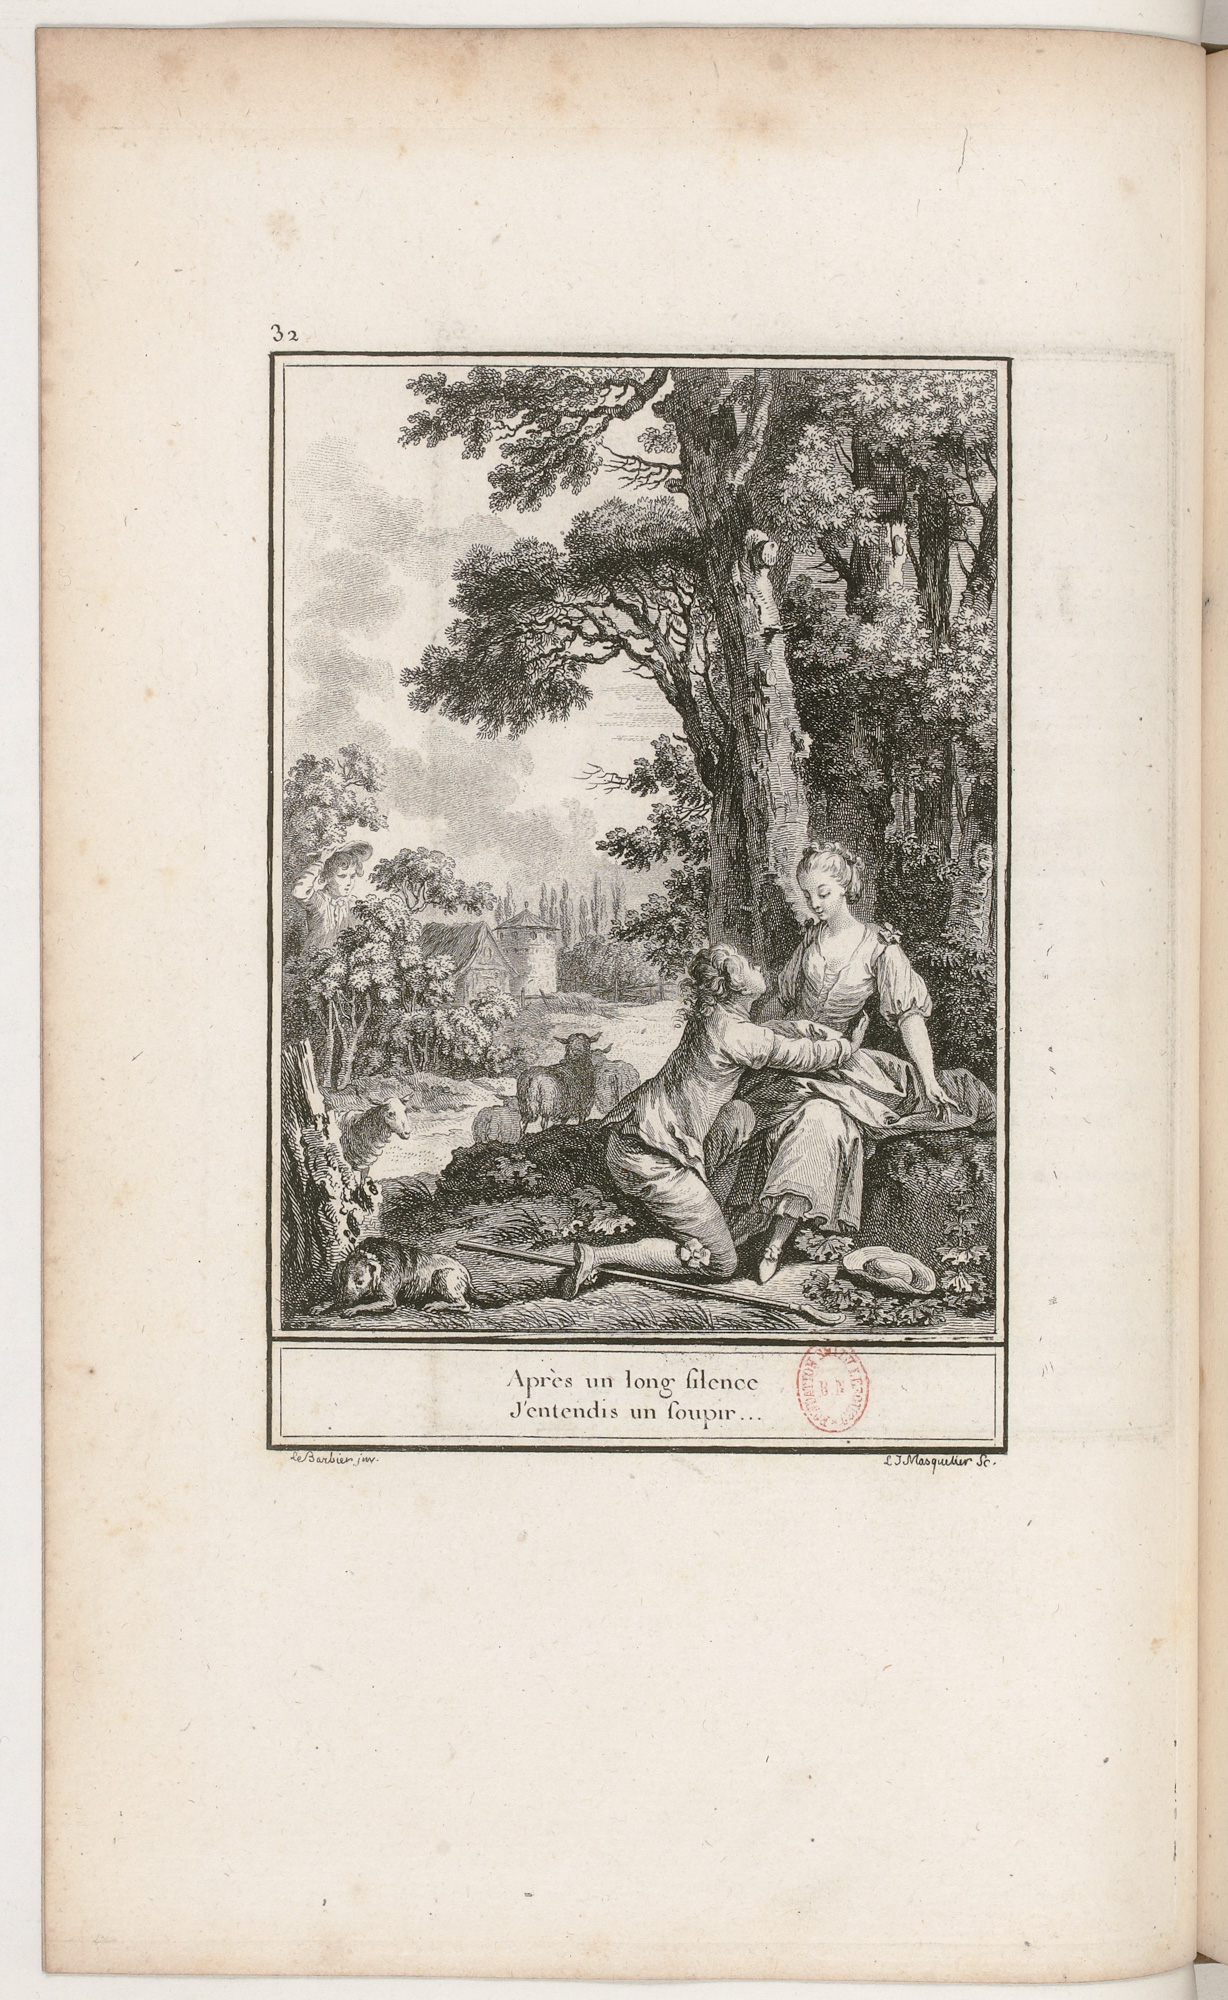 S.3.06 L'heureuse plainte, 1772, Image